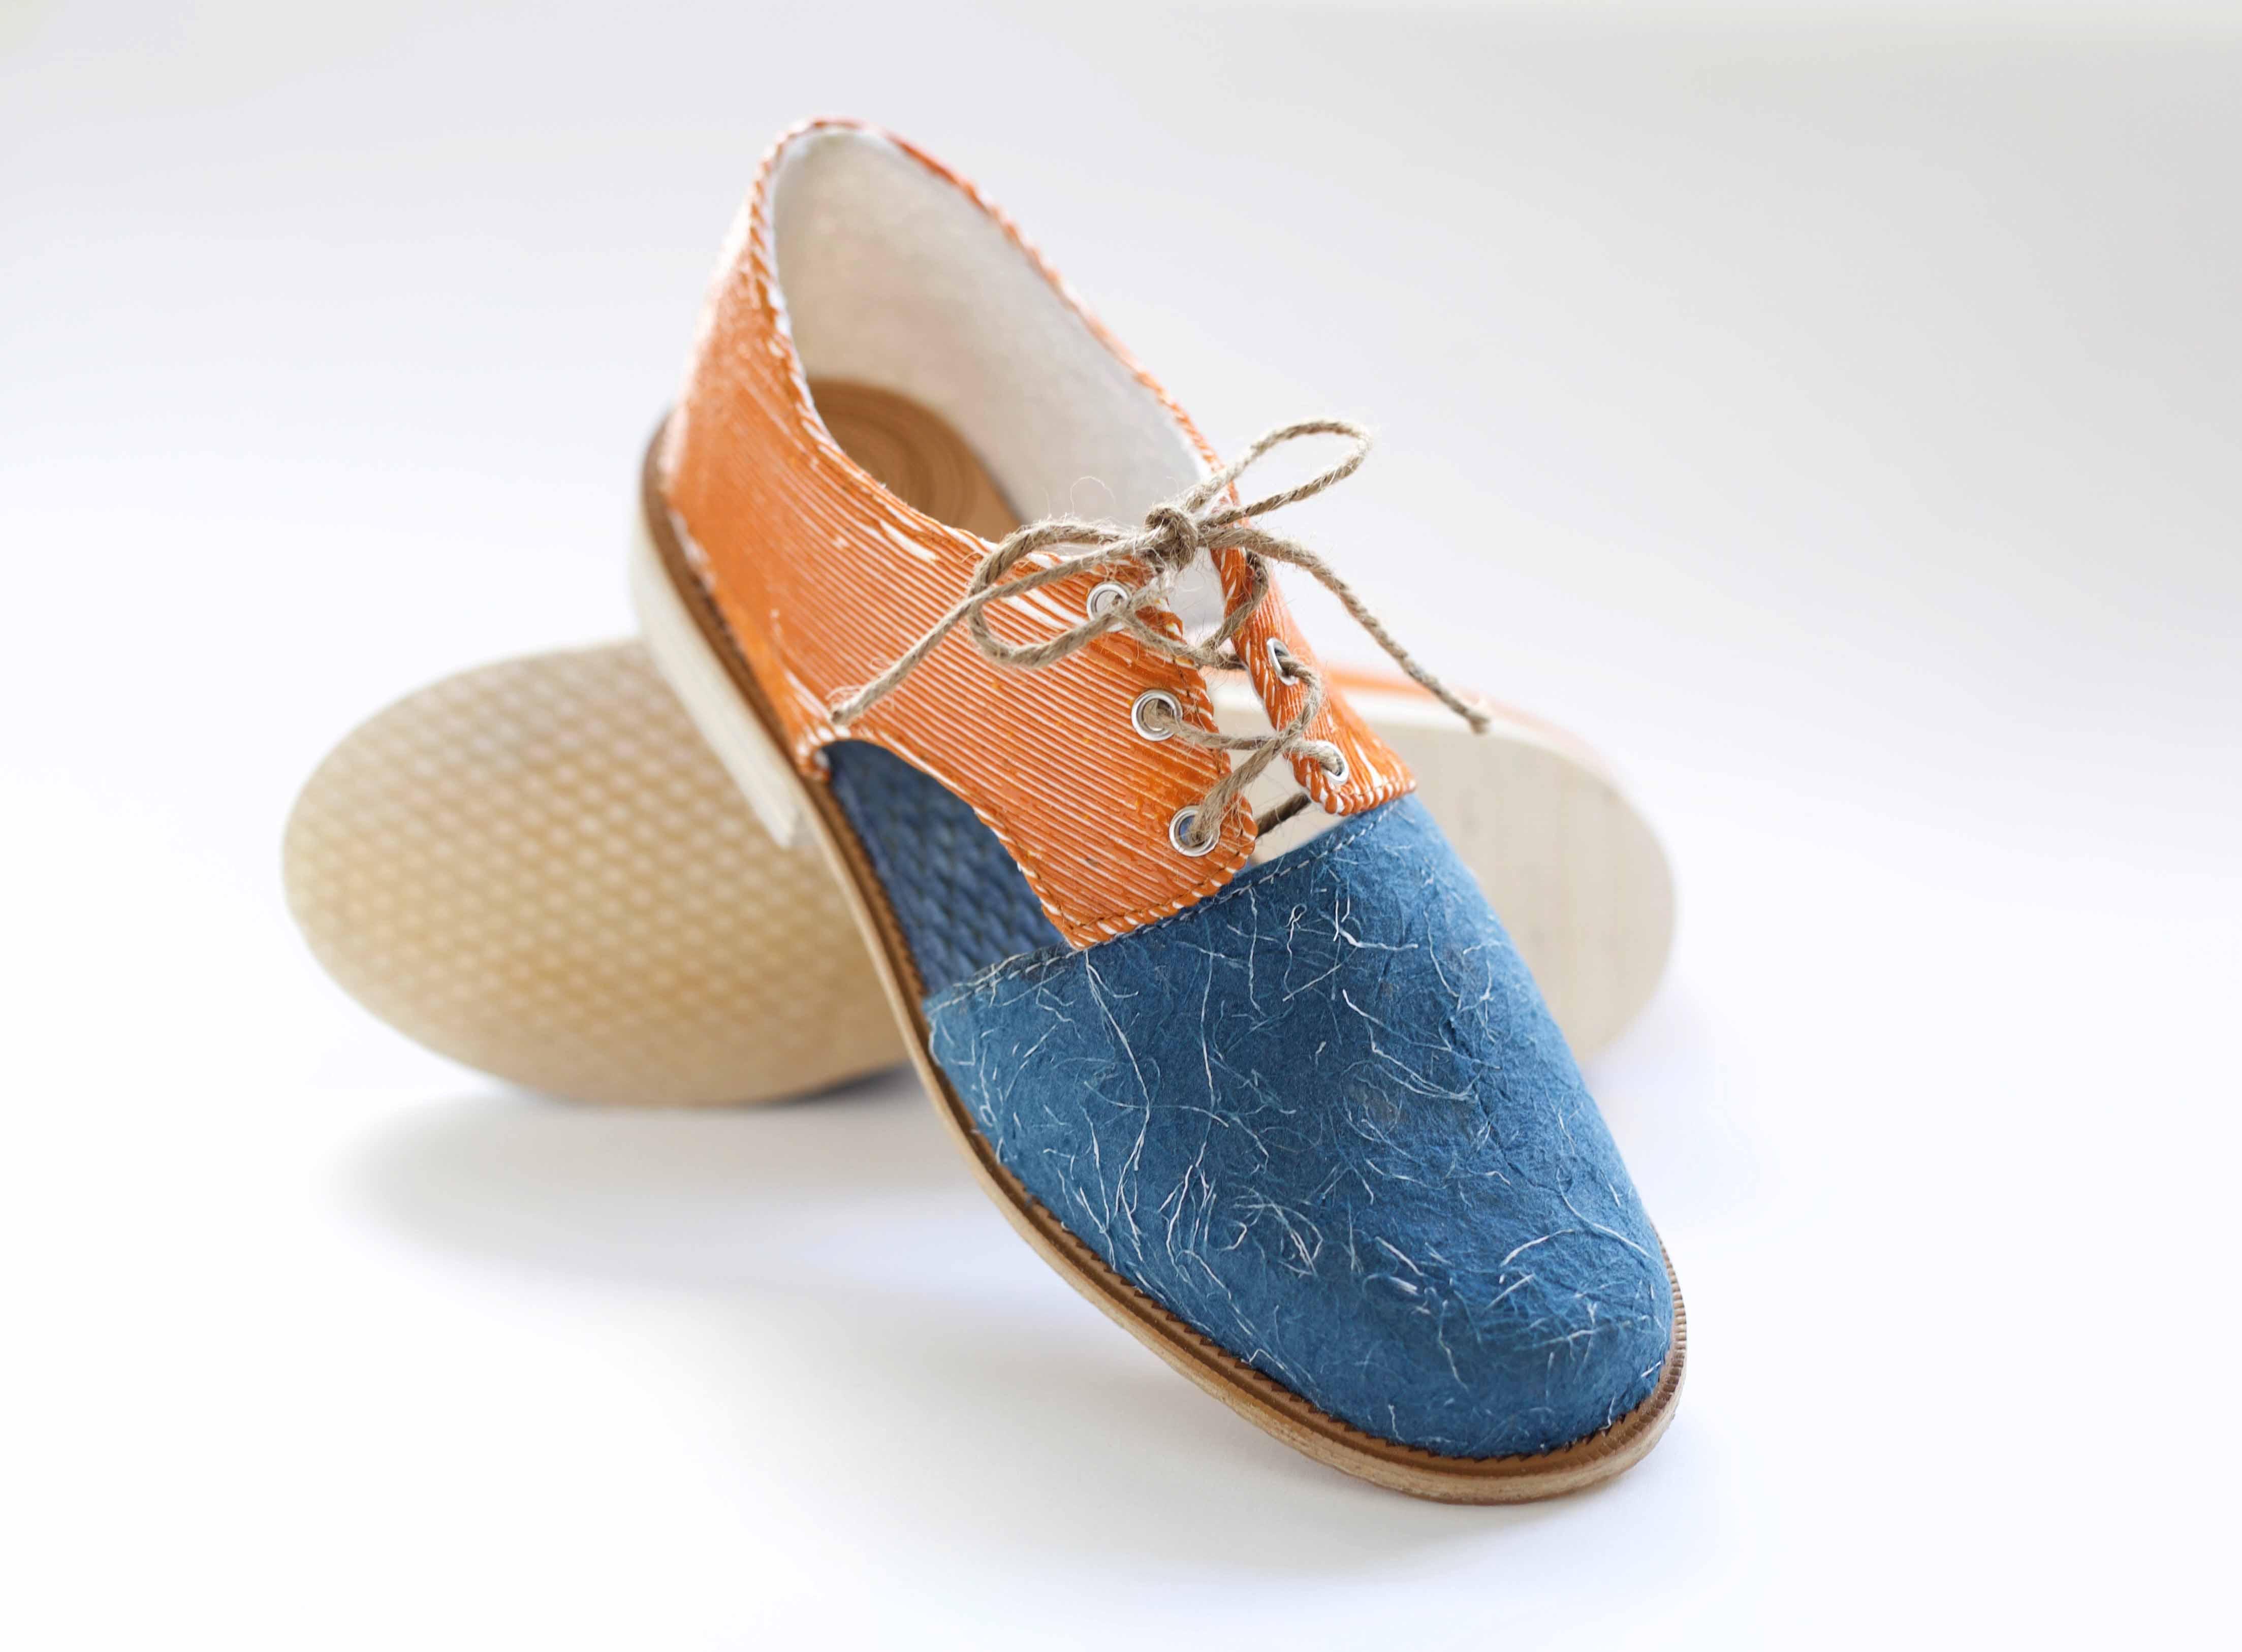 Selluloosapohjaiset kengät. Kuva: Saara Kinnunen